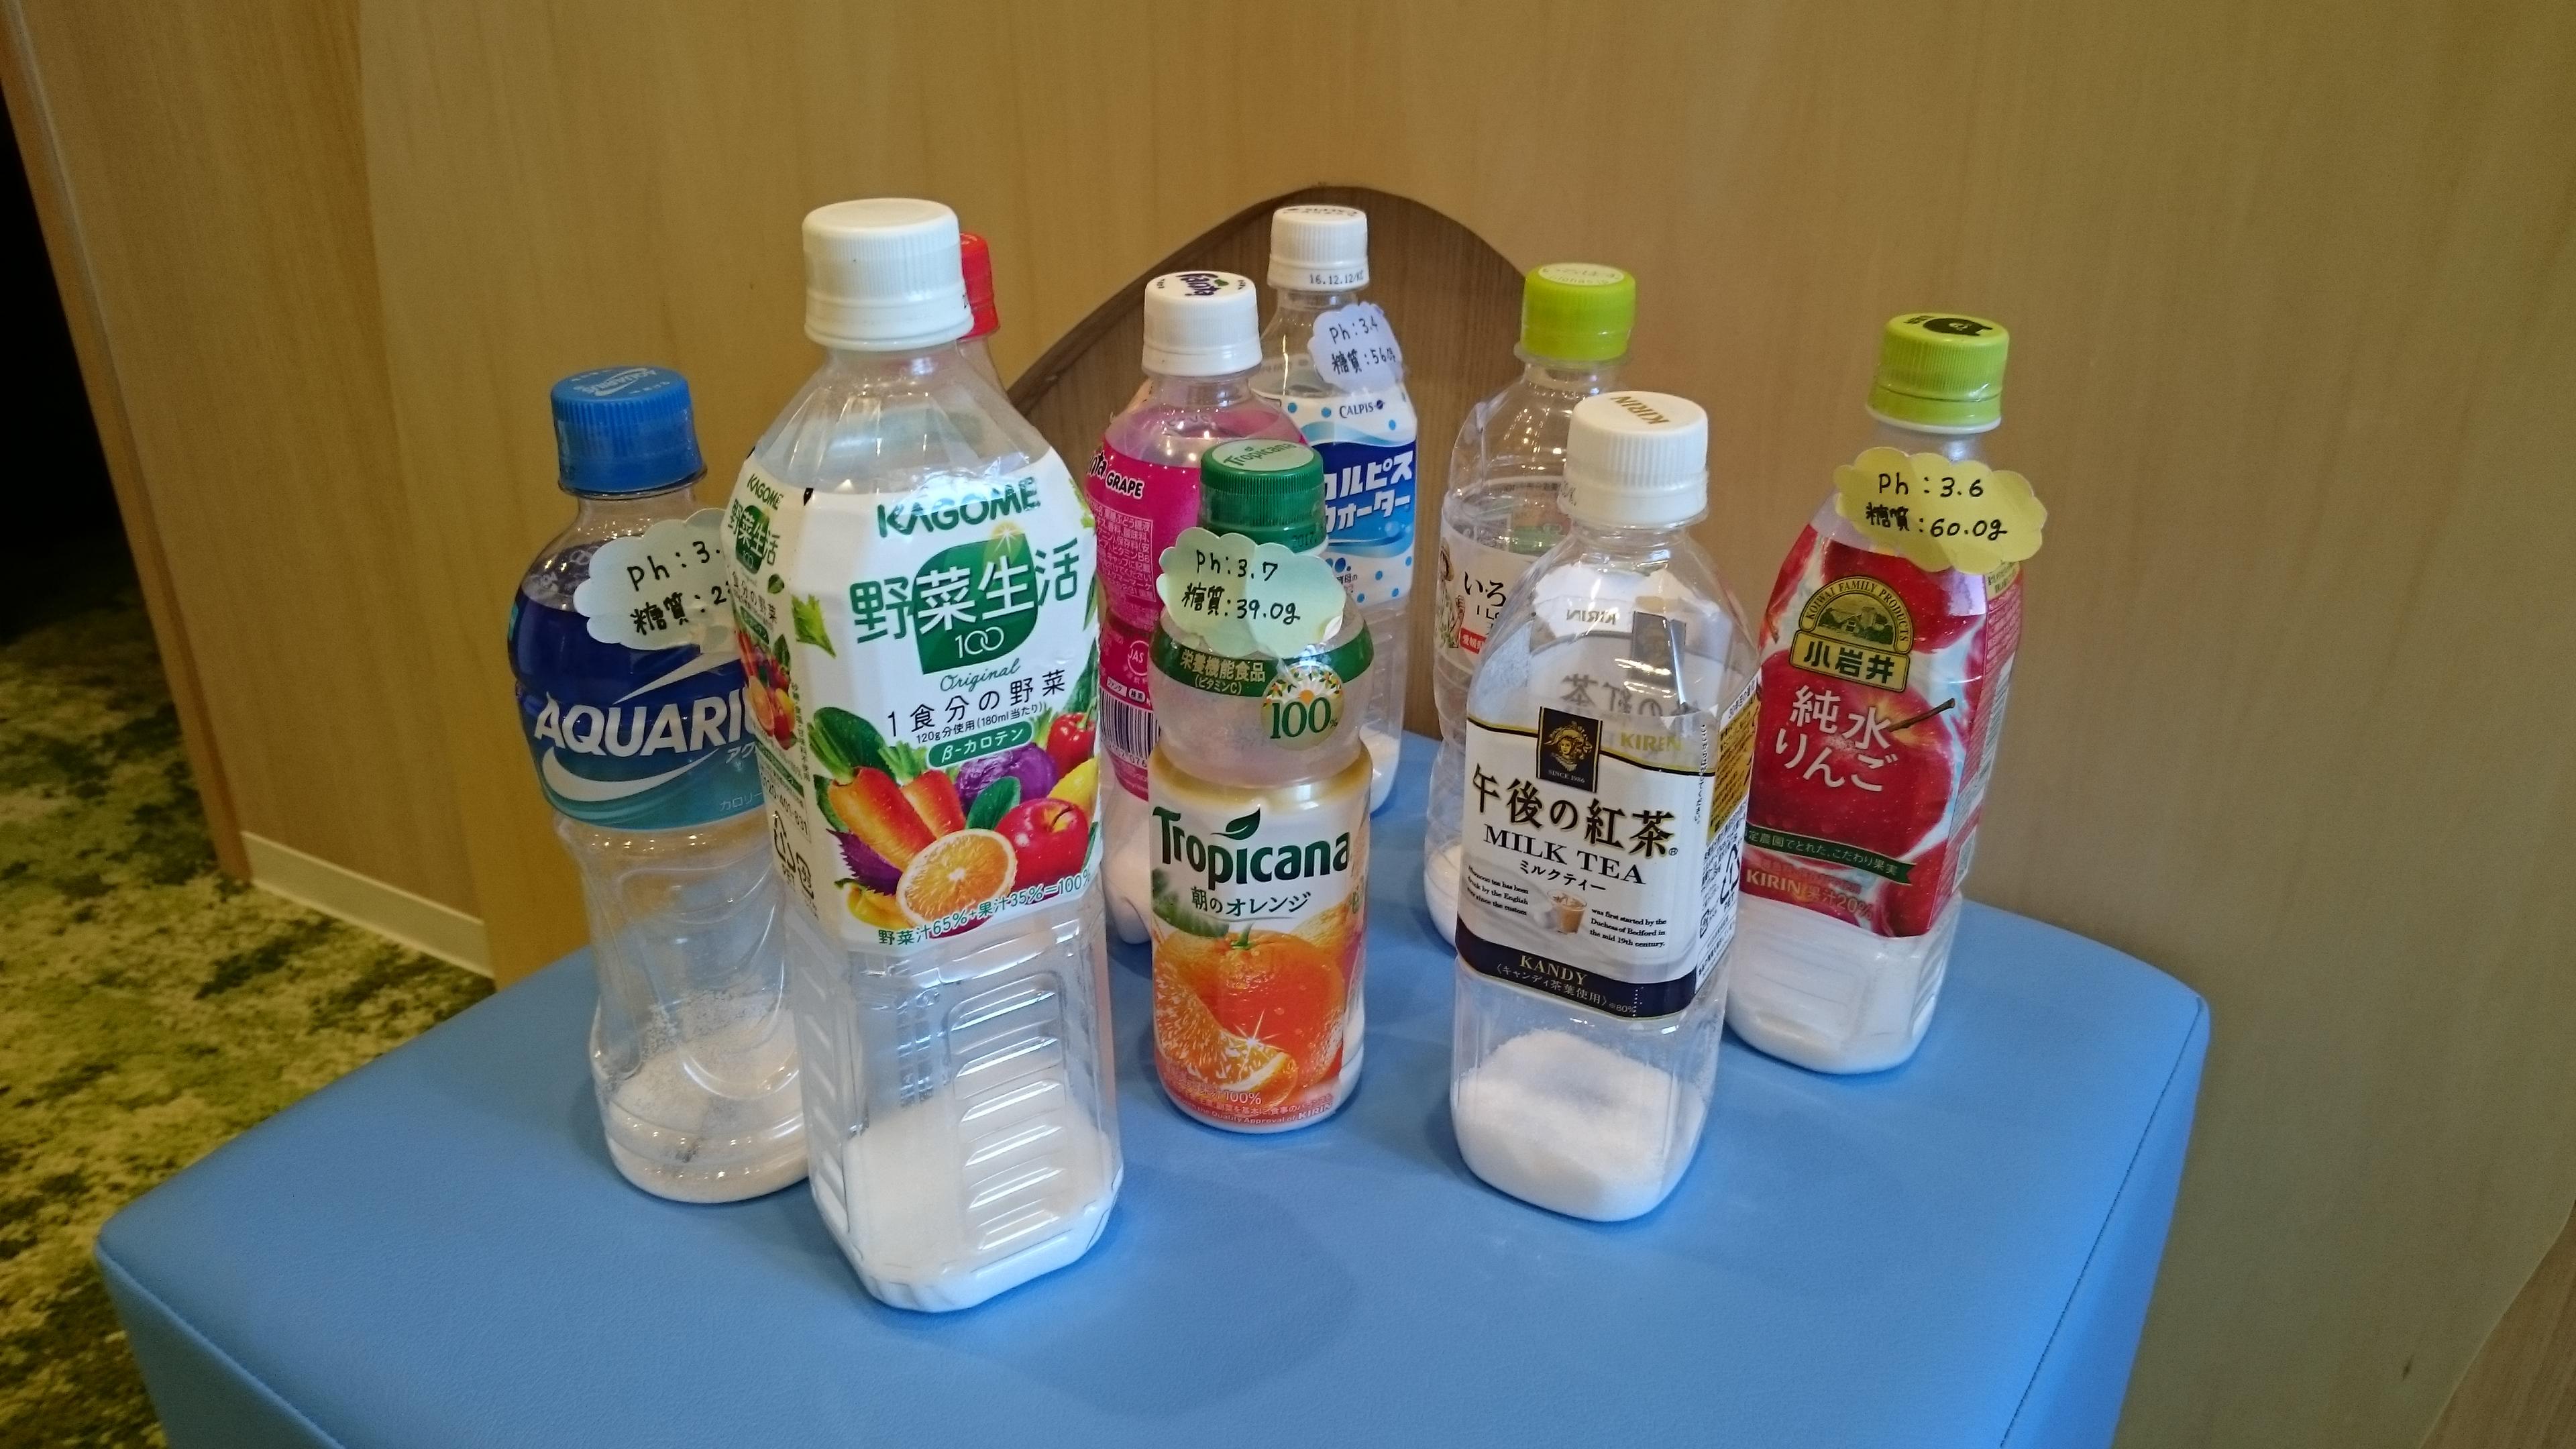 ペットボトルの砂糖含有量